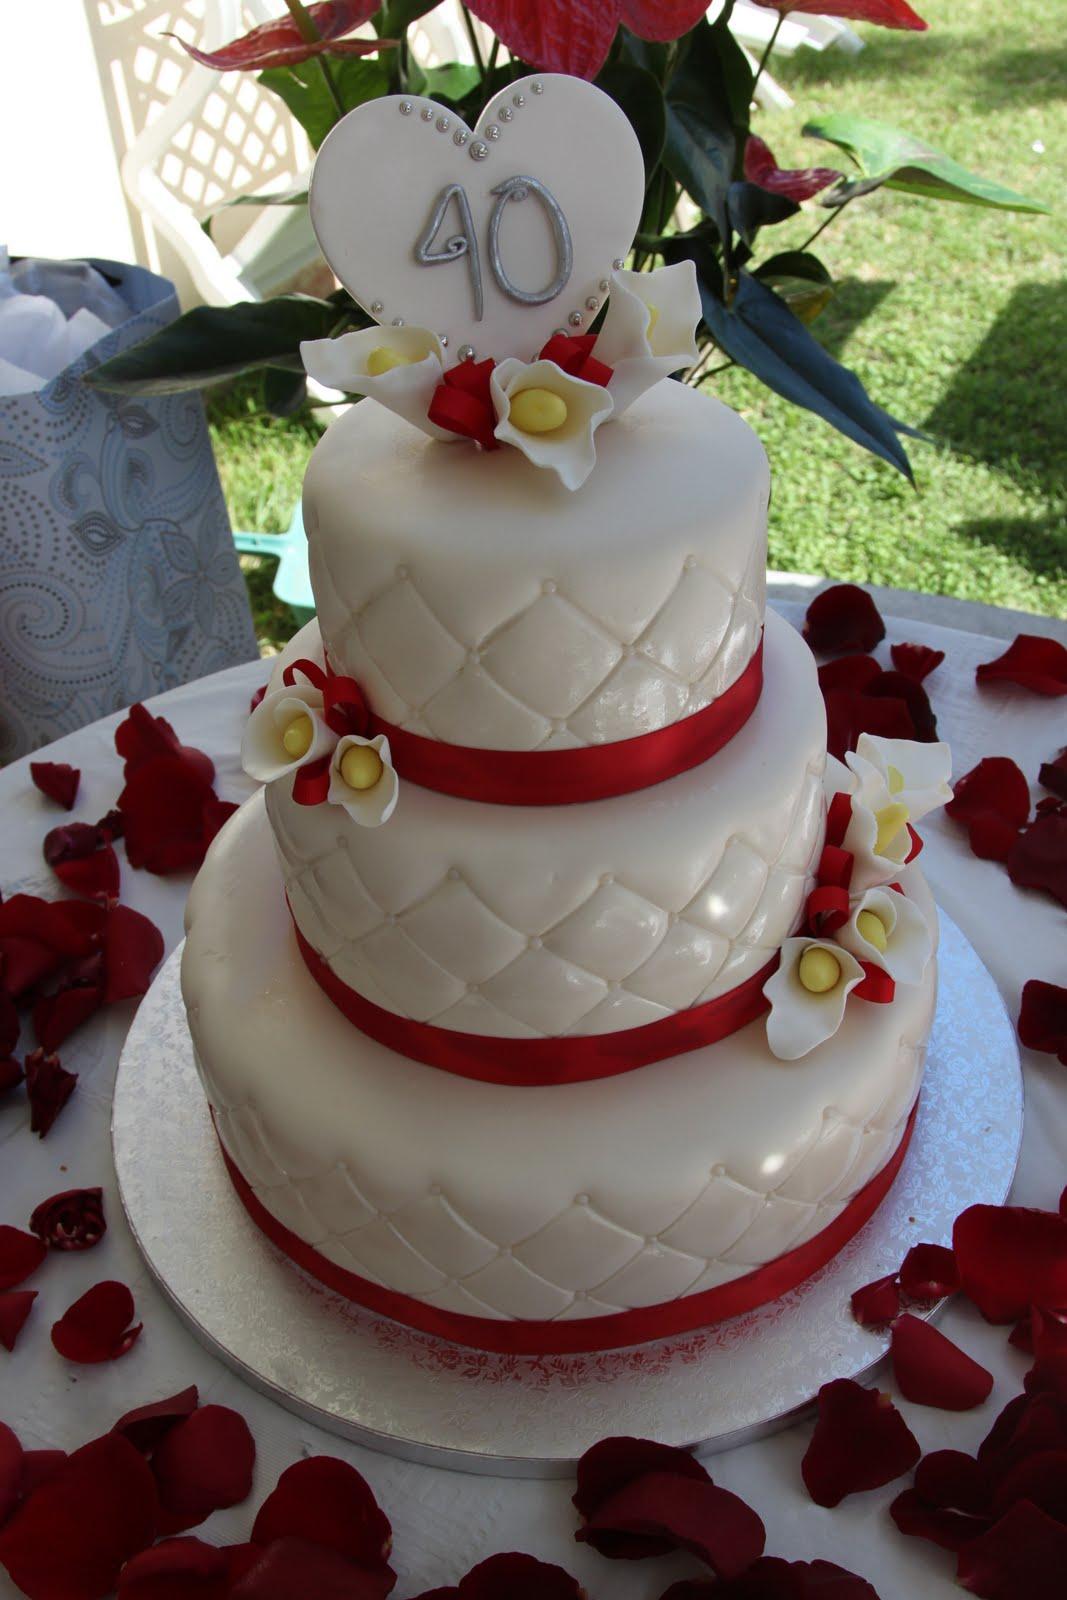 Cakes By Tiffany Nevarez Happy 40th Anniversary Cake